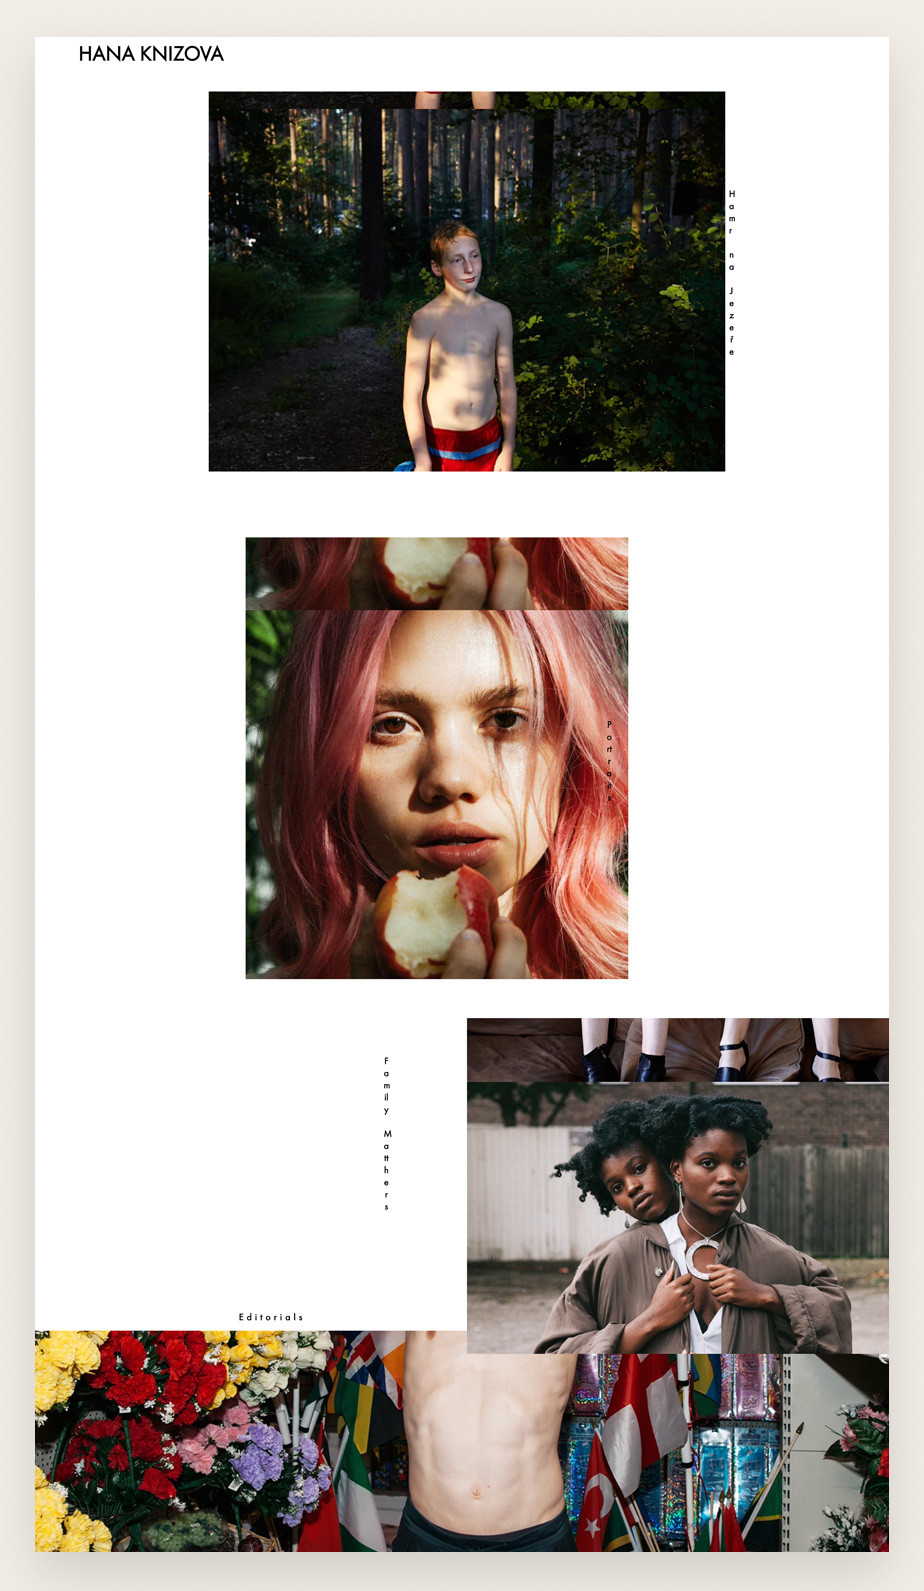 Screenshot do site de portfolio da fotógrafa Hana Knizova